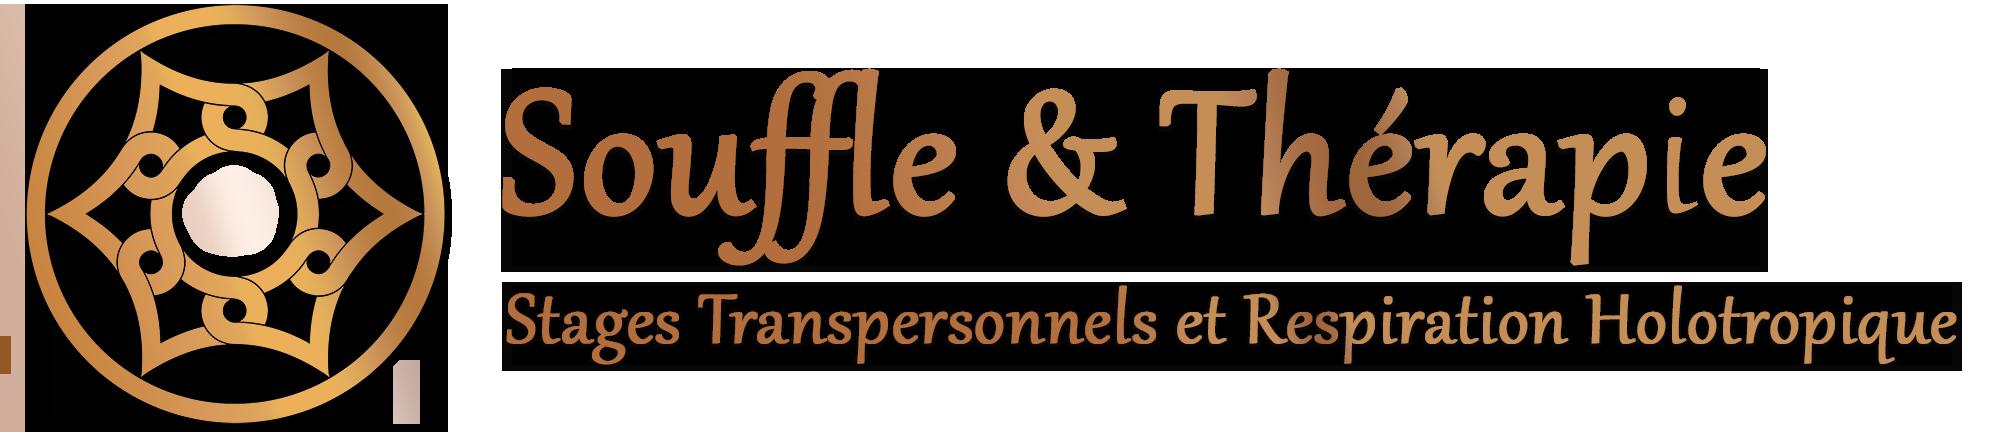 banniere Souffle & Thérapie, Stages Transpersonnels et Respiration Holotropique